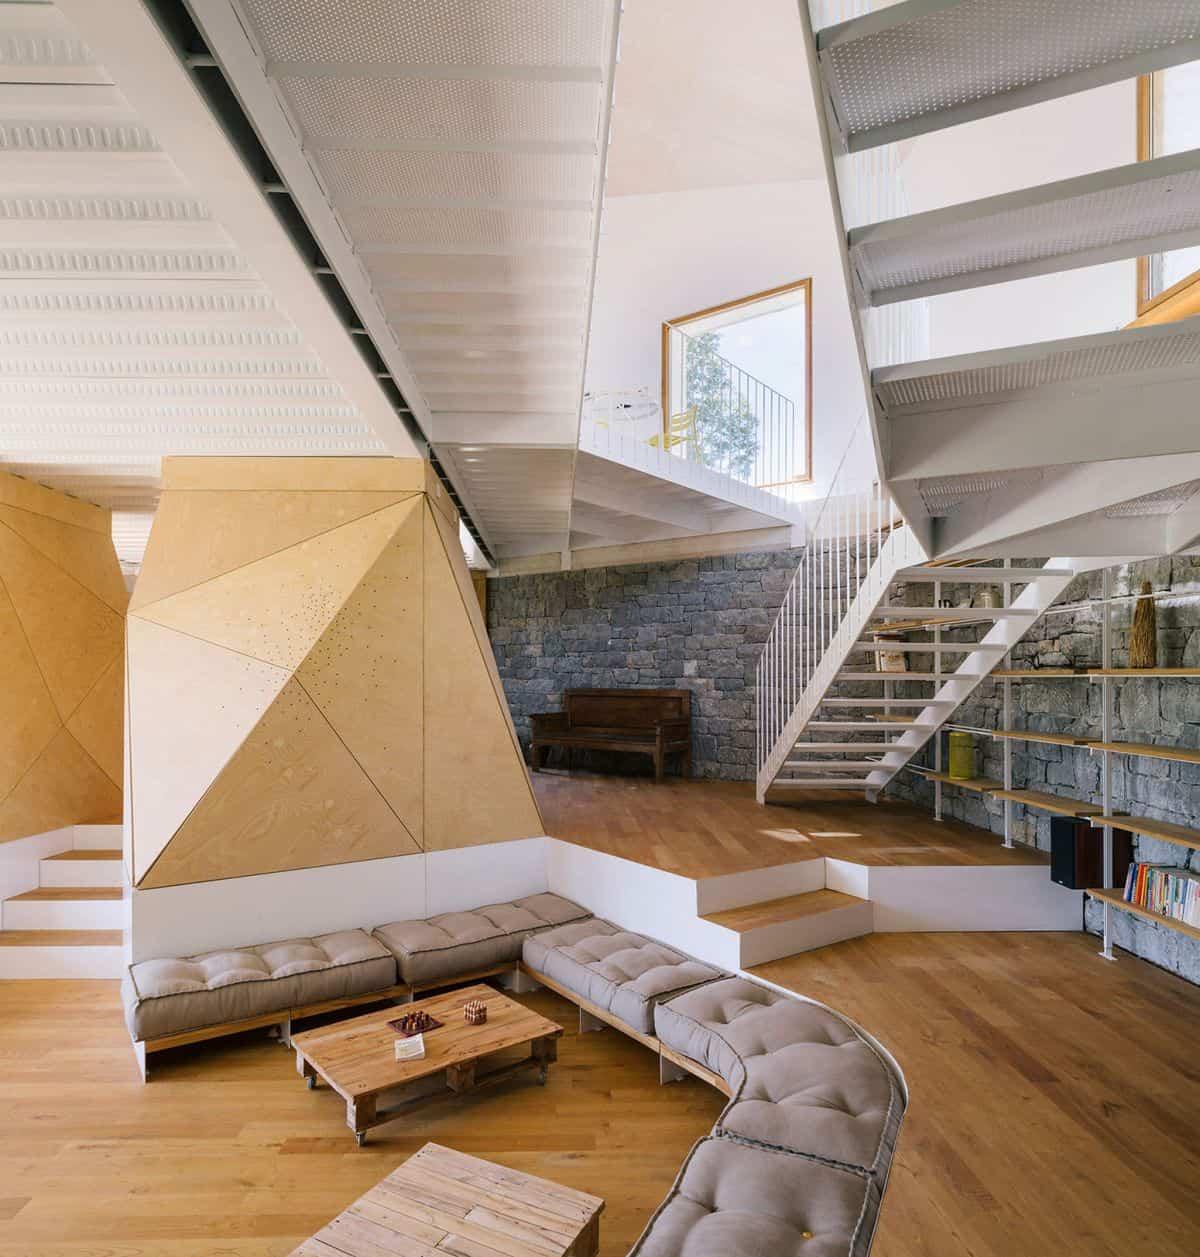 cortijo abandonado en asturias habitaciones a diferentes alturas